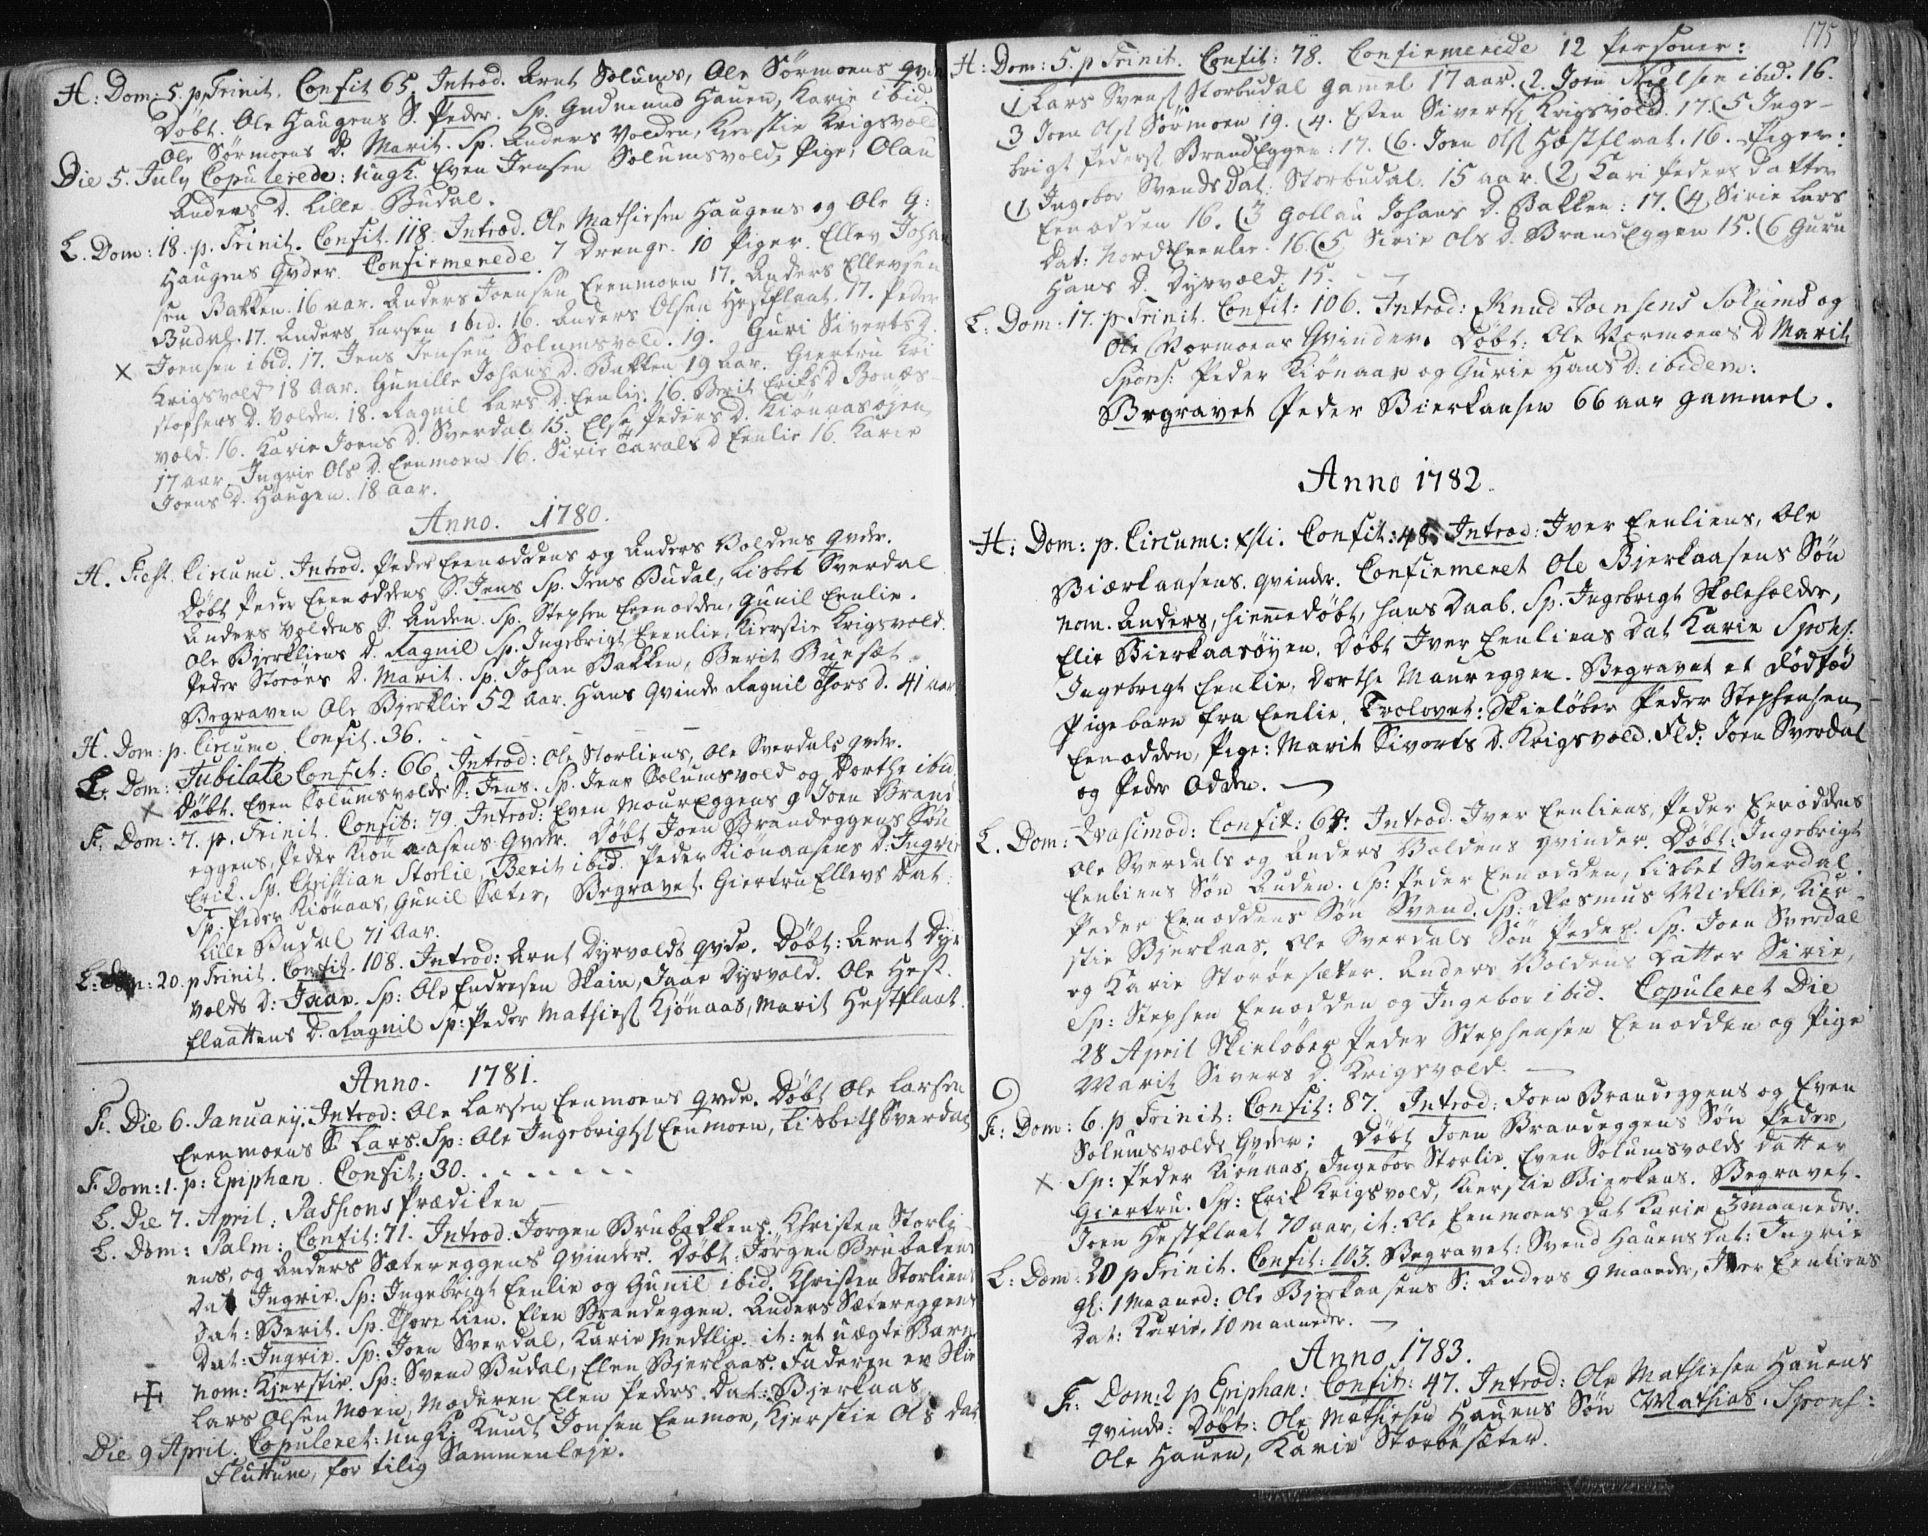 SAT, Ministerialprotokoller, klokkerbøker og fødselsregistre - Sør-Trøndelag, 687/L0991: Ministerialbok nr. 687A02, 1747-1790, s. 175